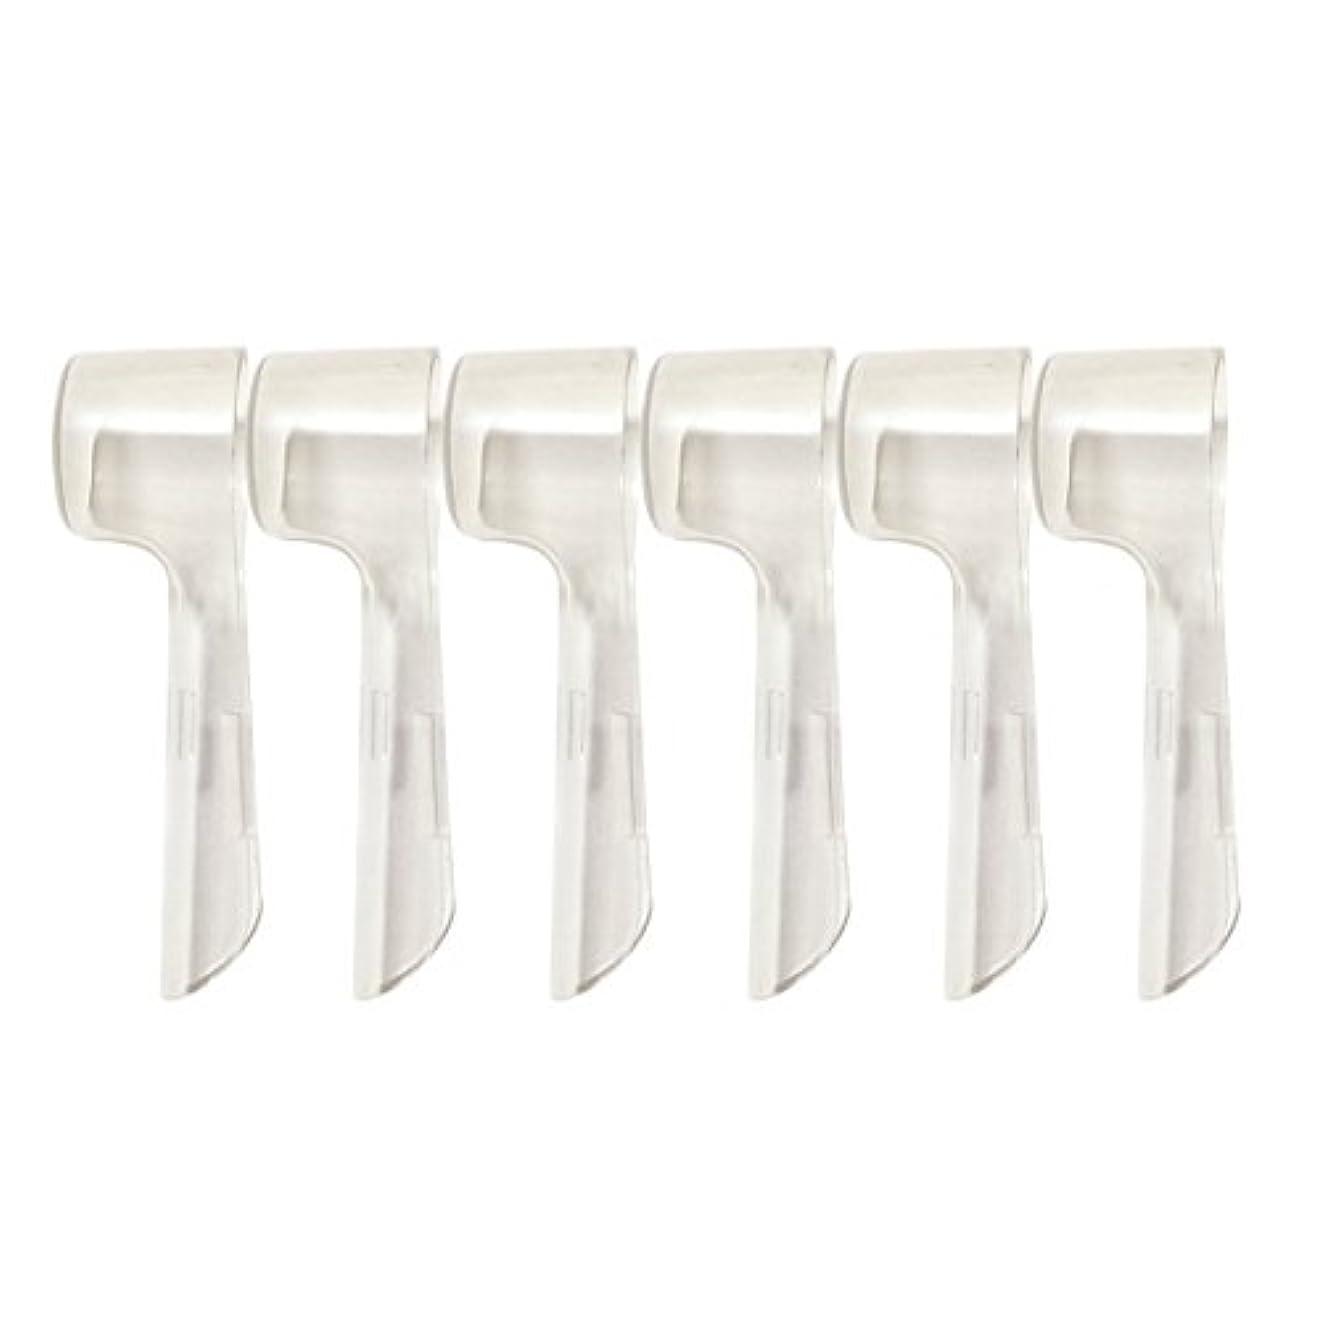 愚かなフクロウ行商人SUPVOX 旅行のために便利な電動歯ブラシのための12本の歯ブラシのヘッドカバー